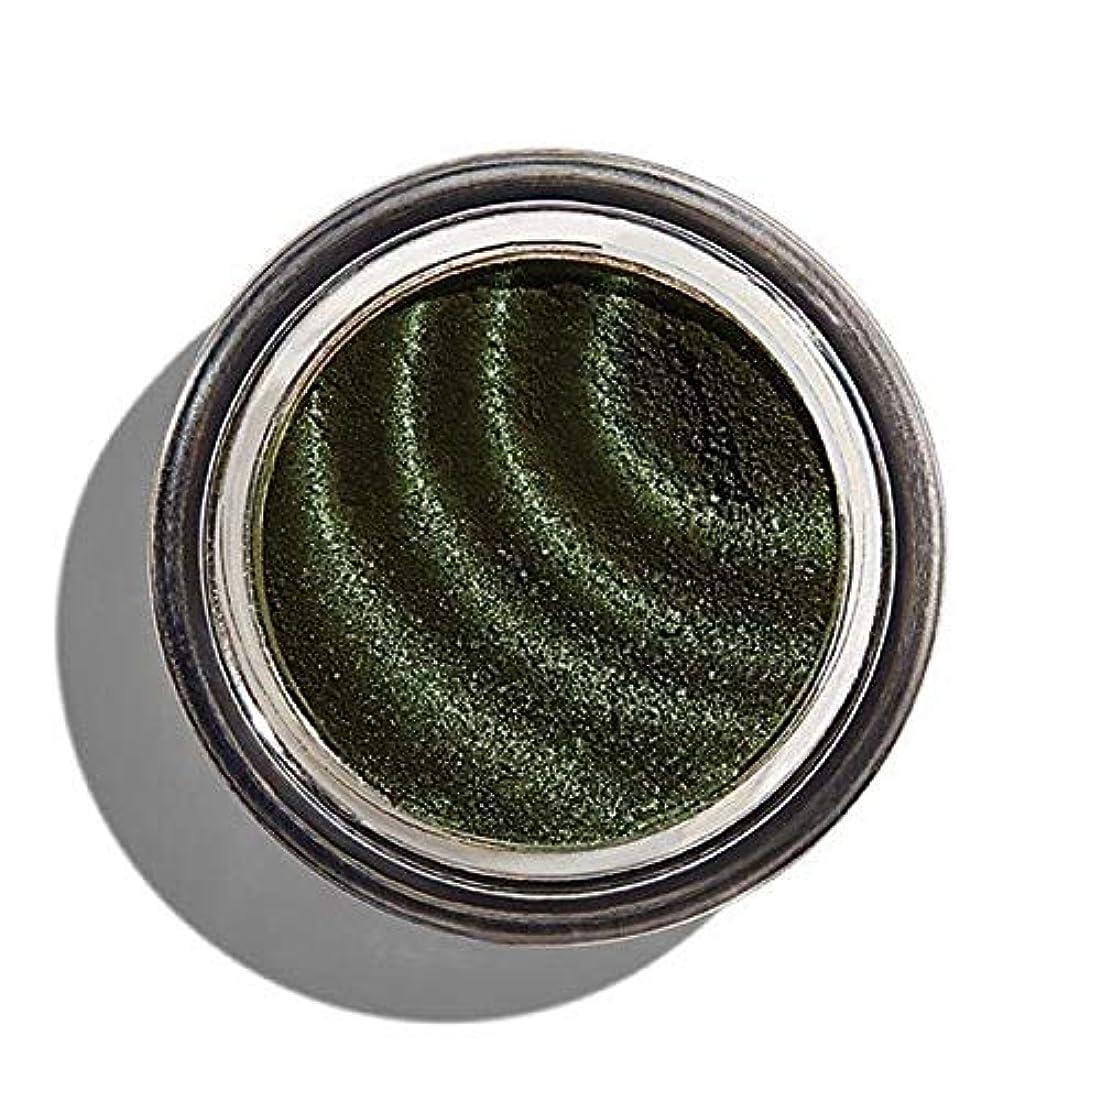 安いです先入観バッグ[Revolution ] 化粧回転磁化のアイシャドウグリーン - Makeup Revolution Magnetize Eyeshadow Green [並行輸入品]